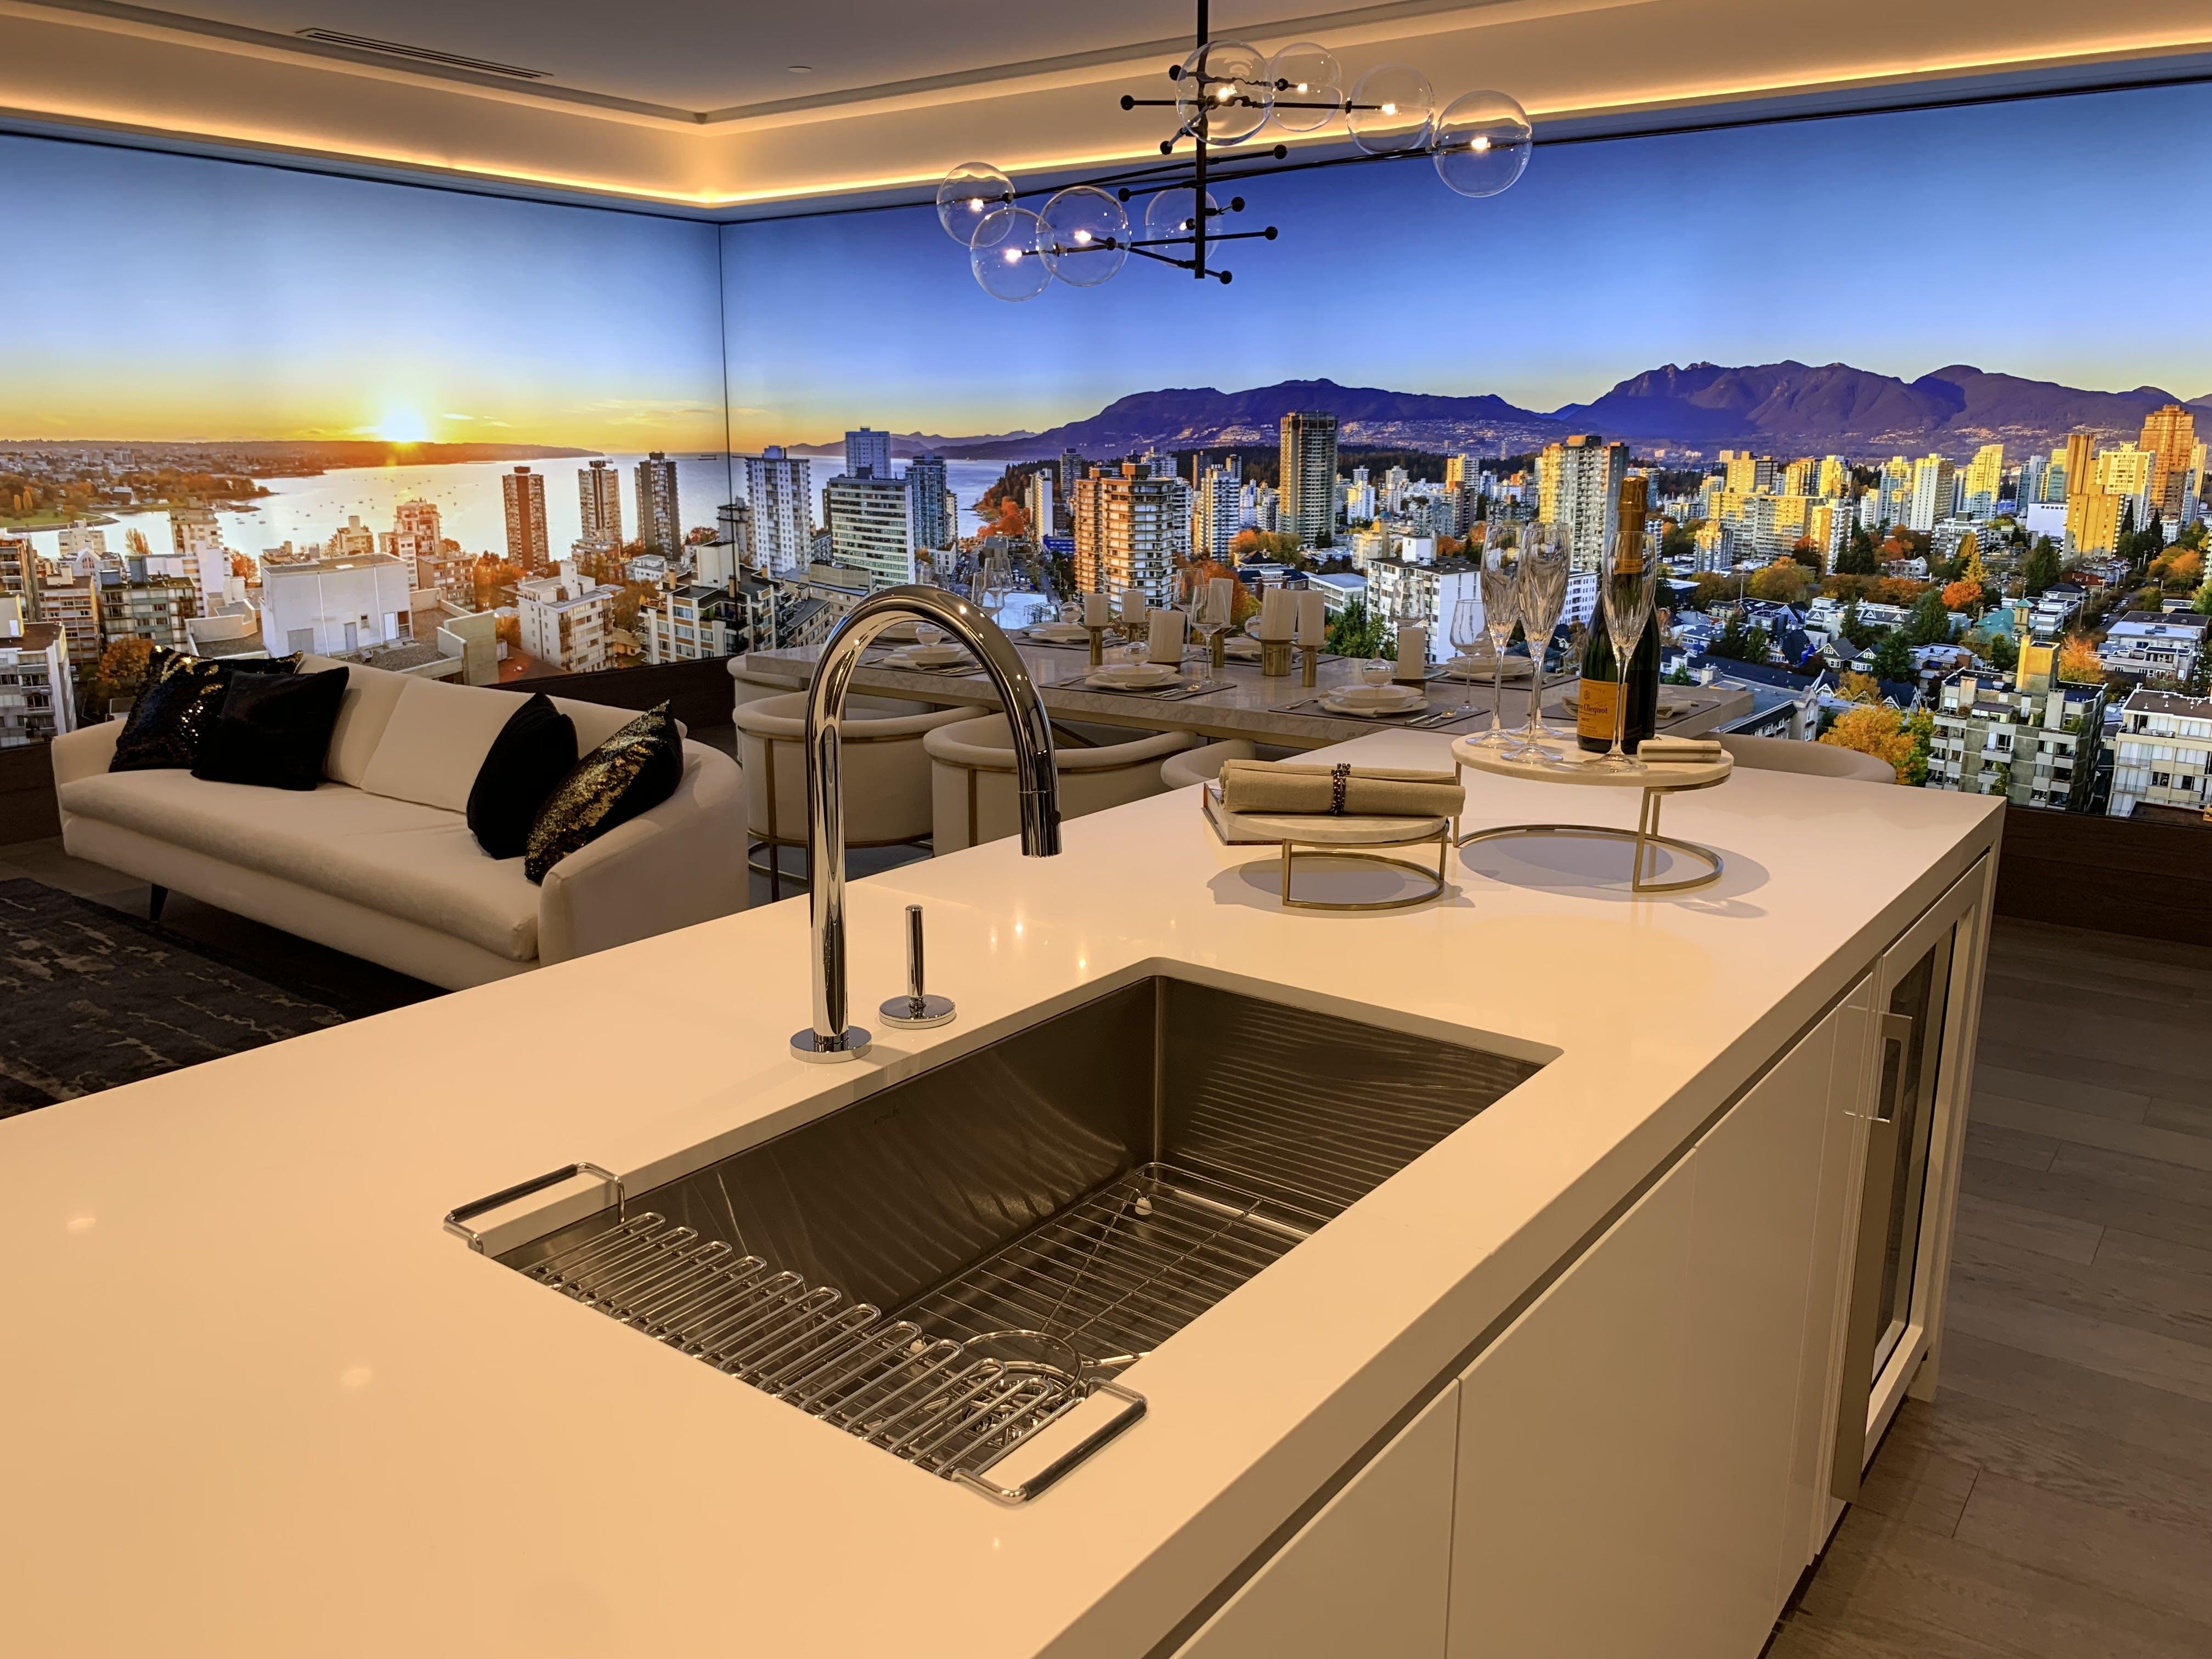 Gratis lagerfoto af børs, disk, håndvask, indendørs